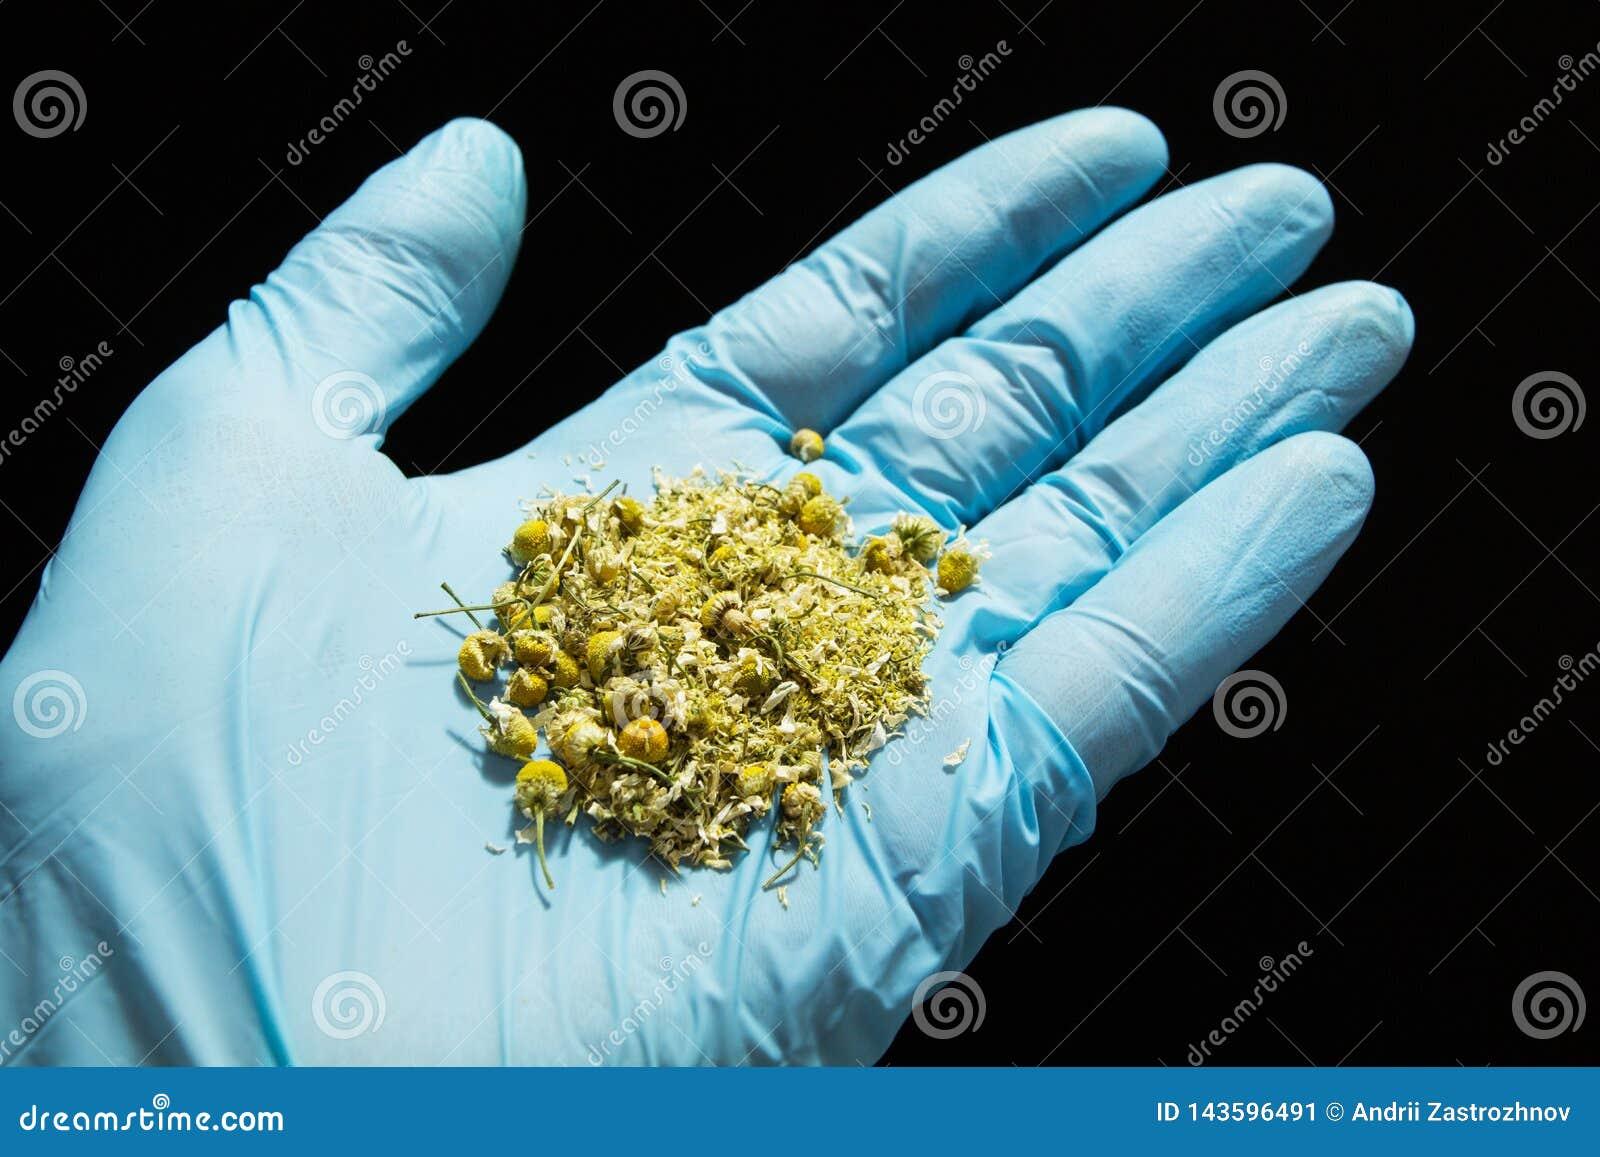 De homeopathische behandeling, droge kamillebloemen in arts dient een blauwe medische handschoen op een zwarte achtergrond in